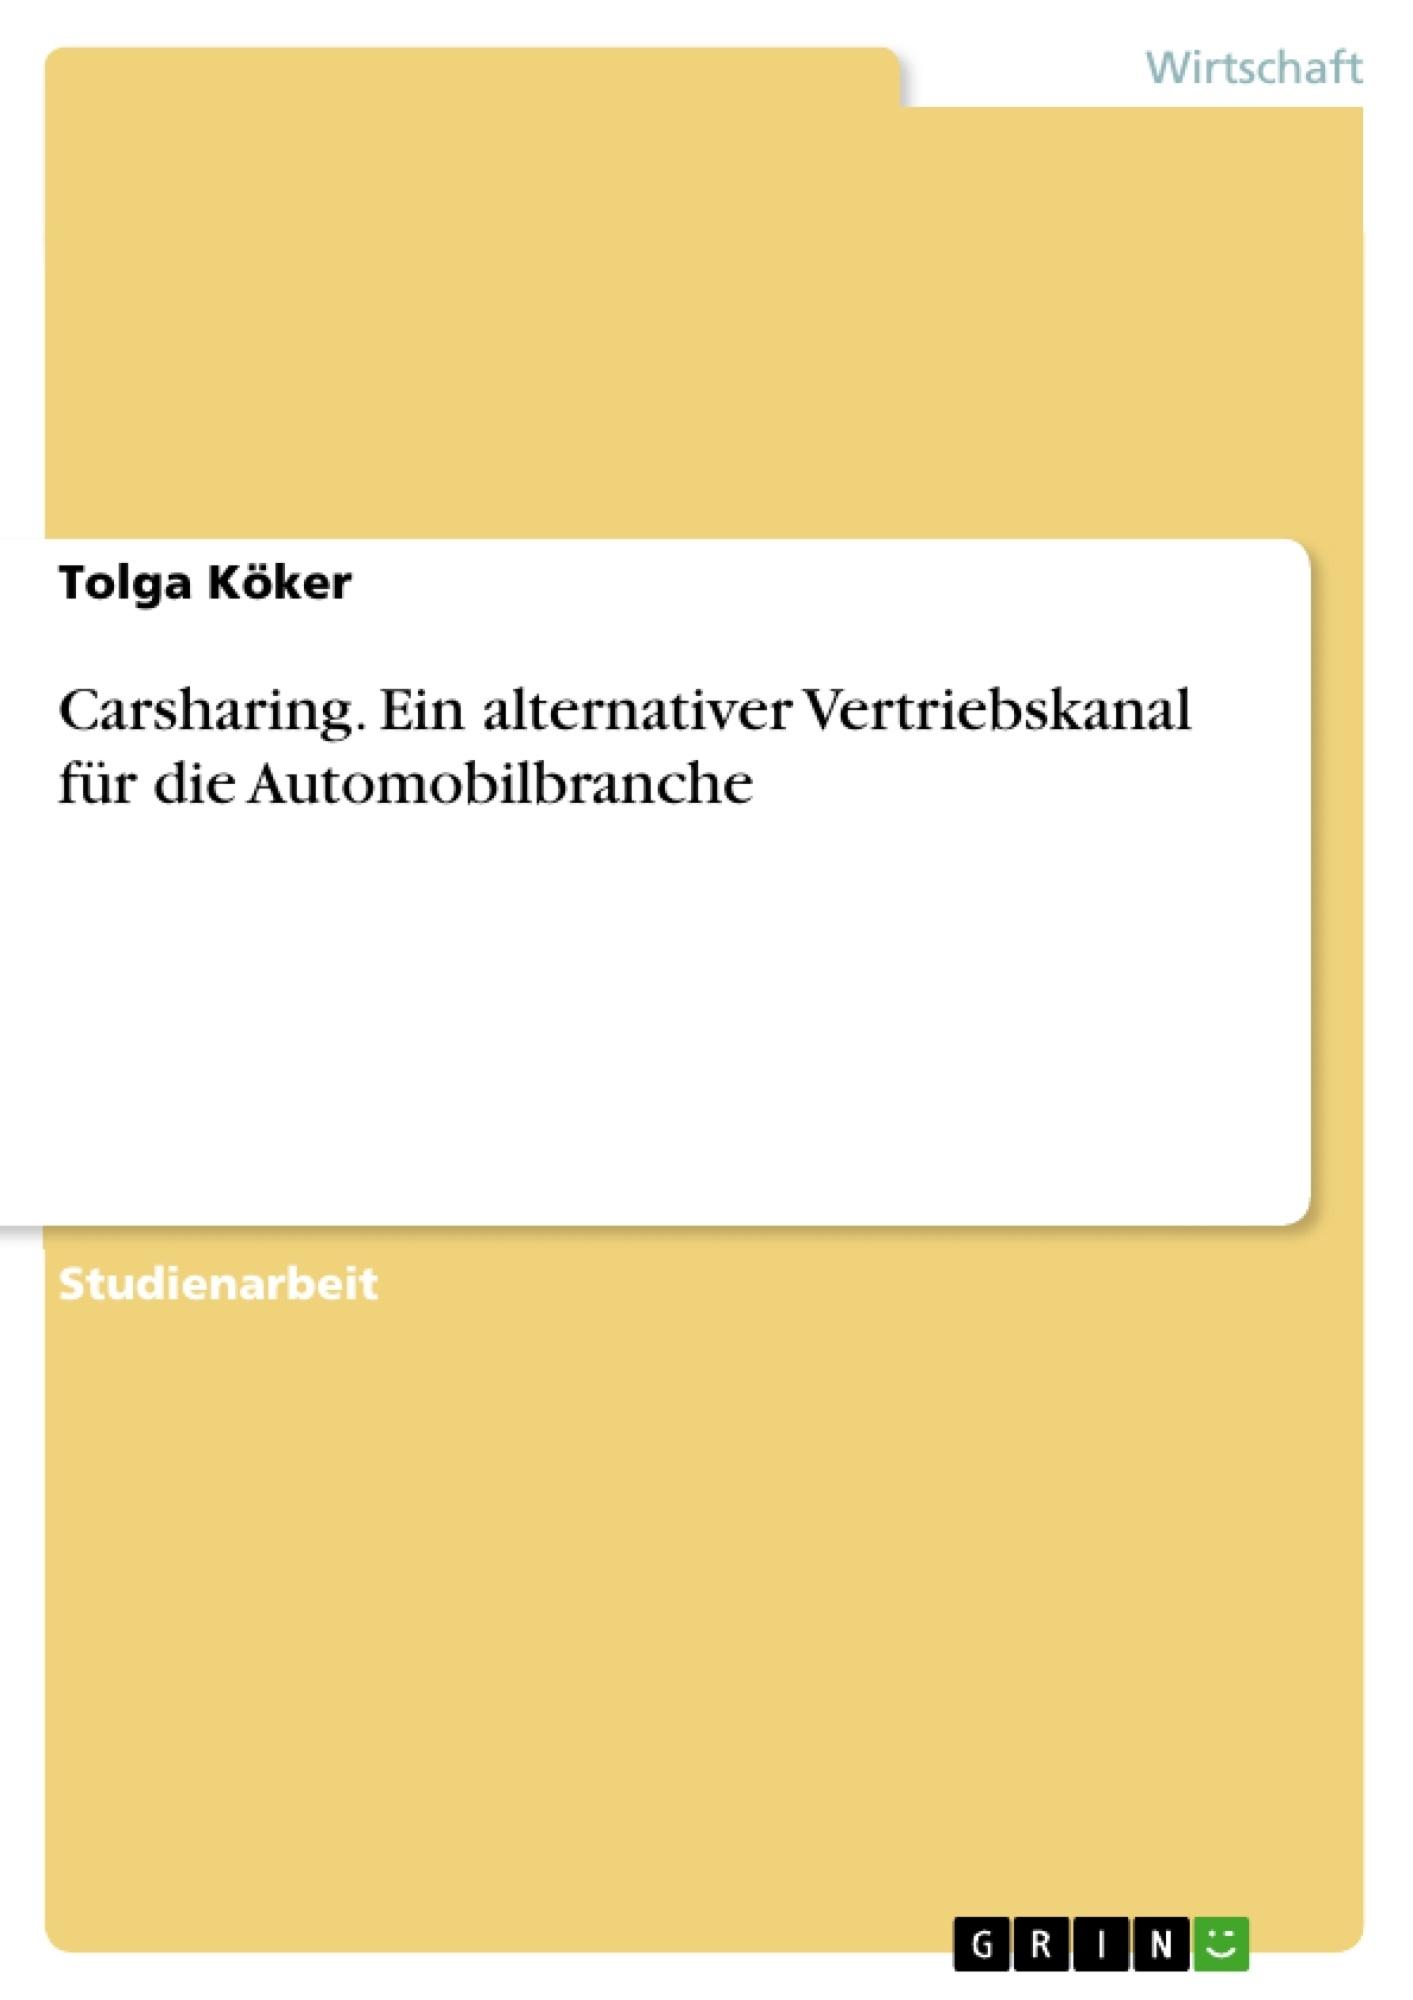 Titel: Carsharing. Ein alternativer Vertriebskanal für die Automobilbranche